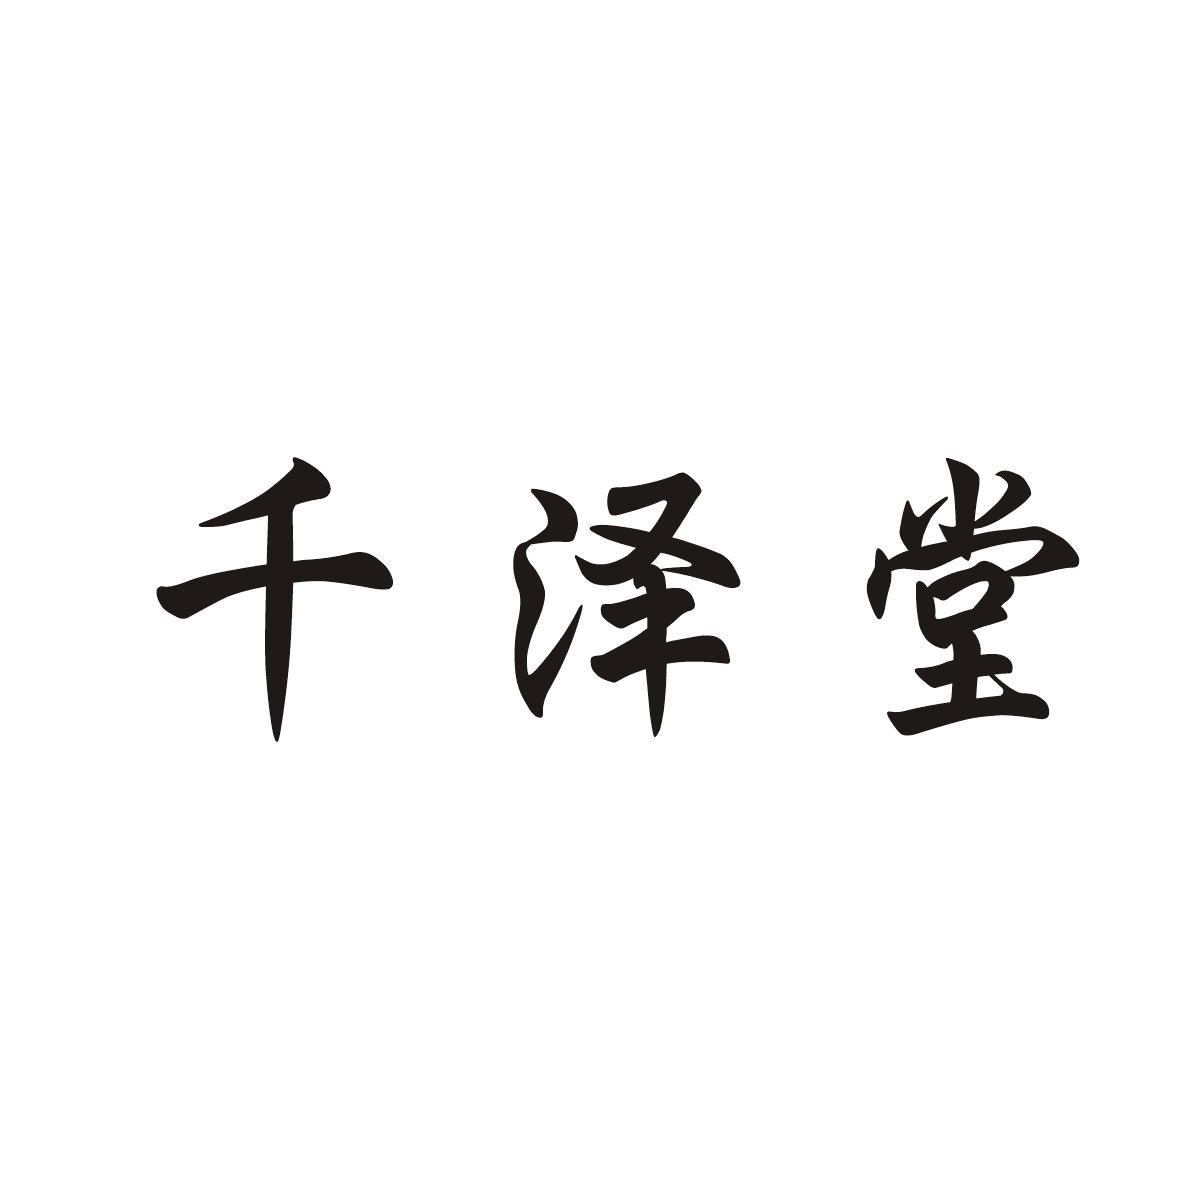 转让商标-千泽堂